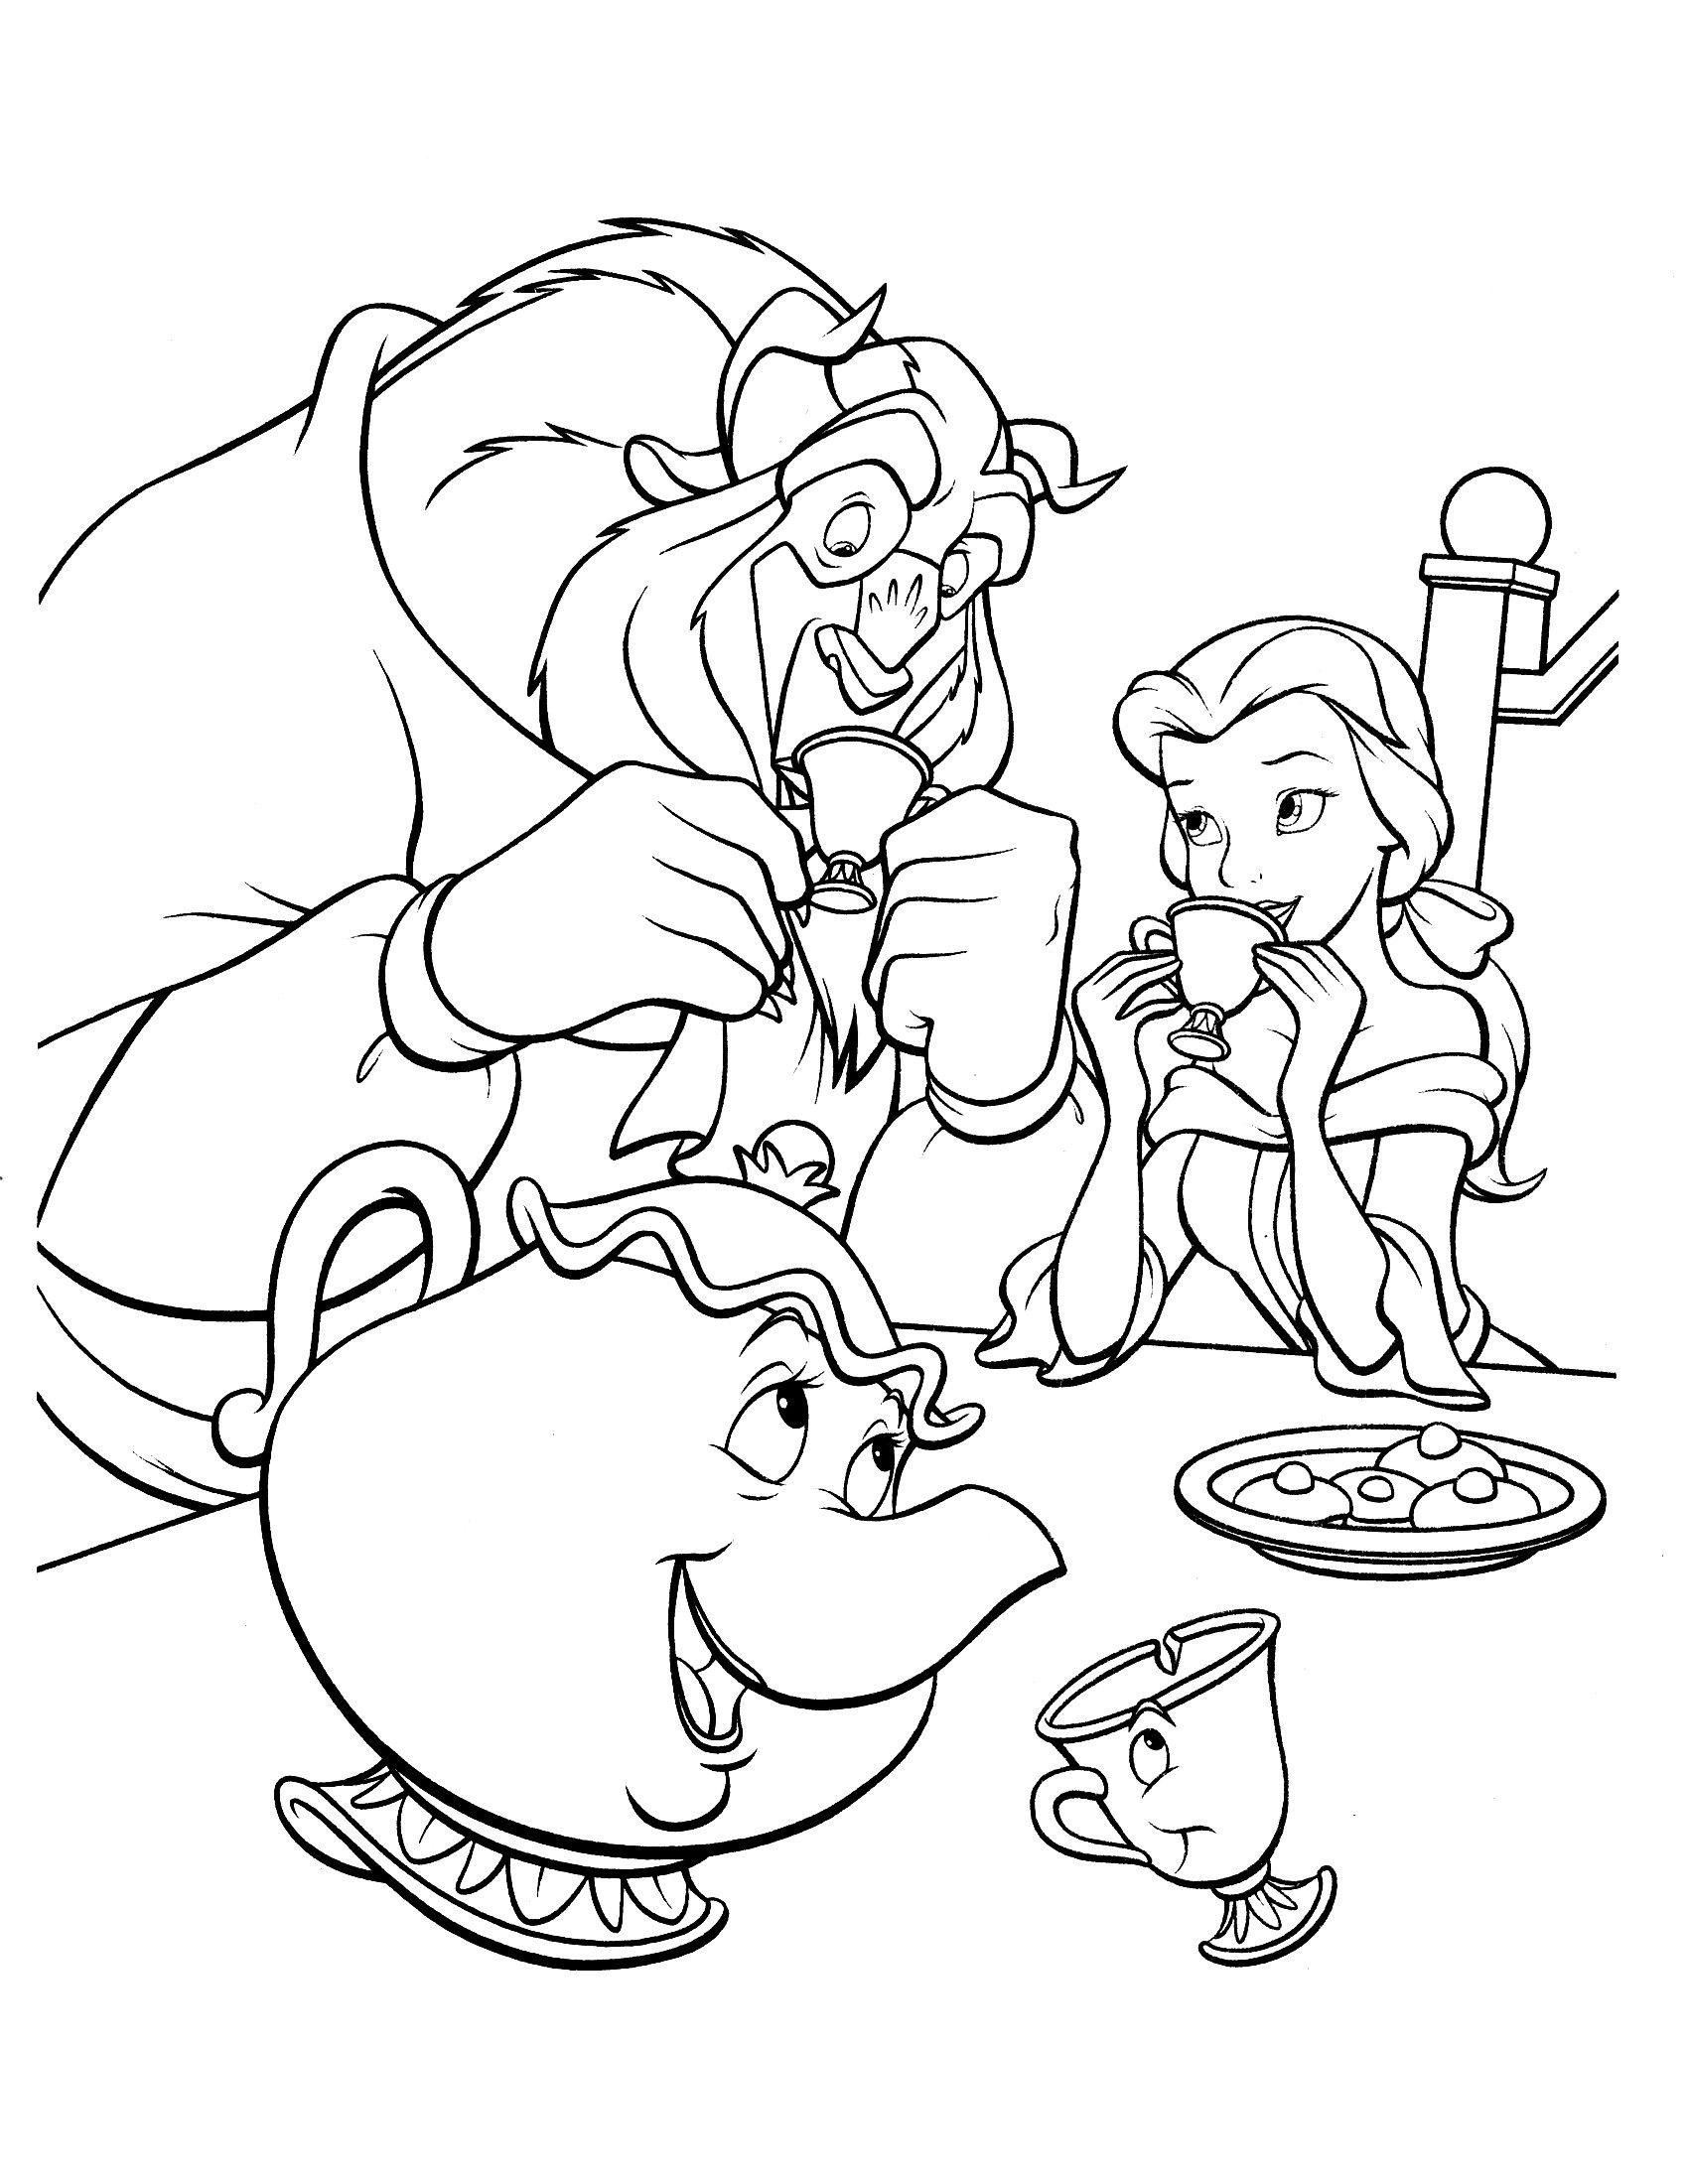 Tale As Old As Time Disney Kleurplaten Kleurplaten Belle En Het Beest